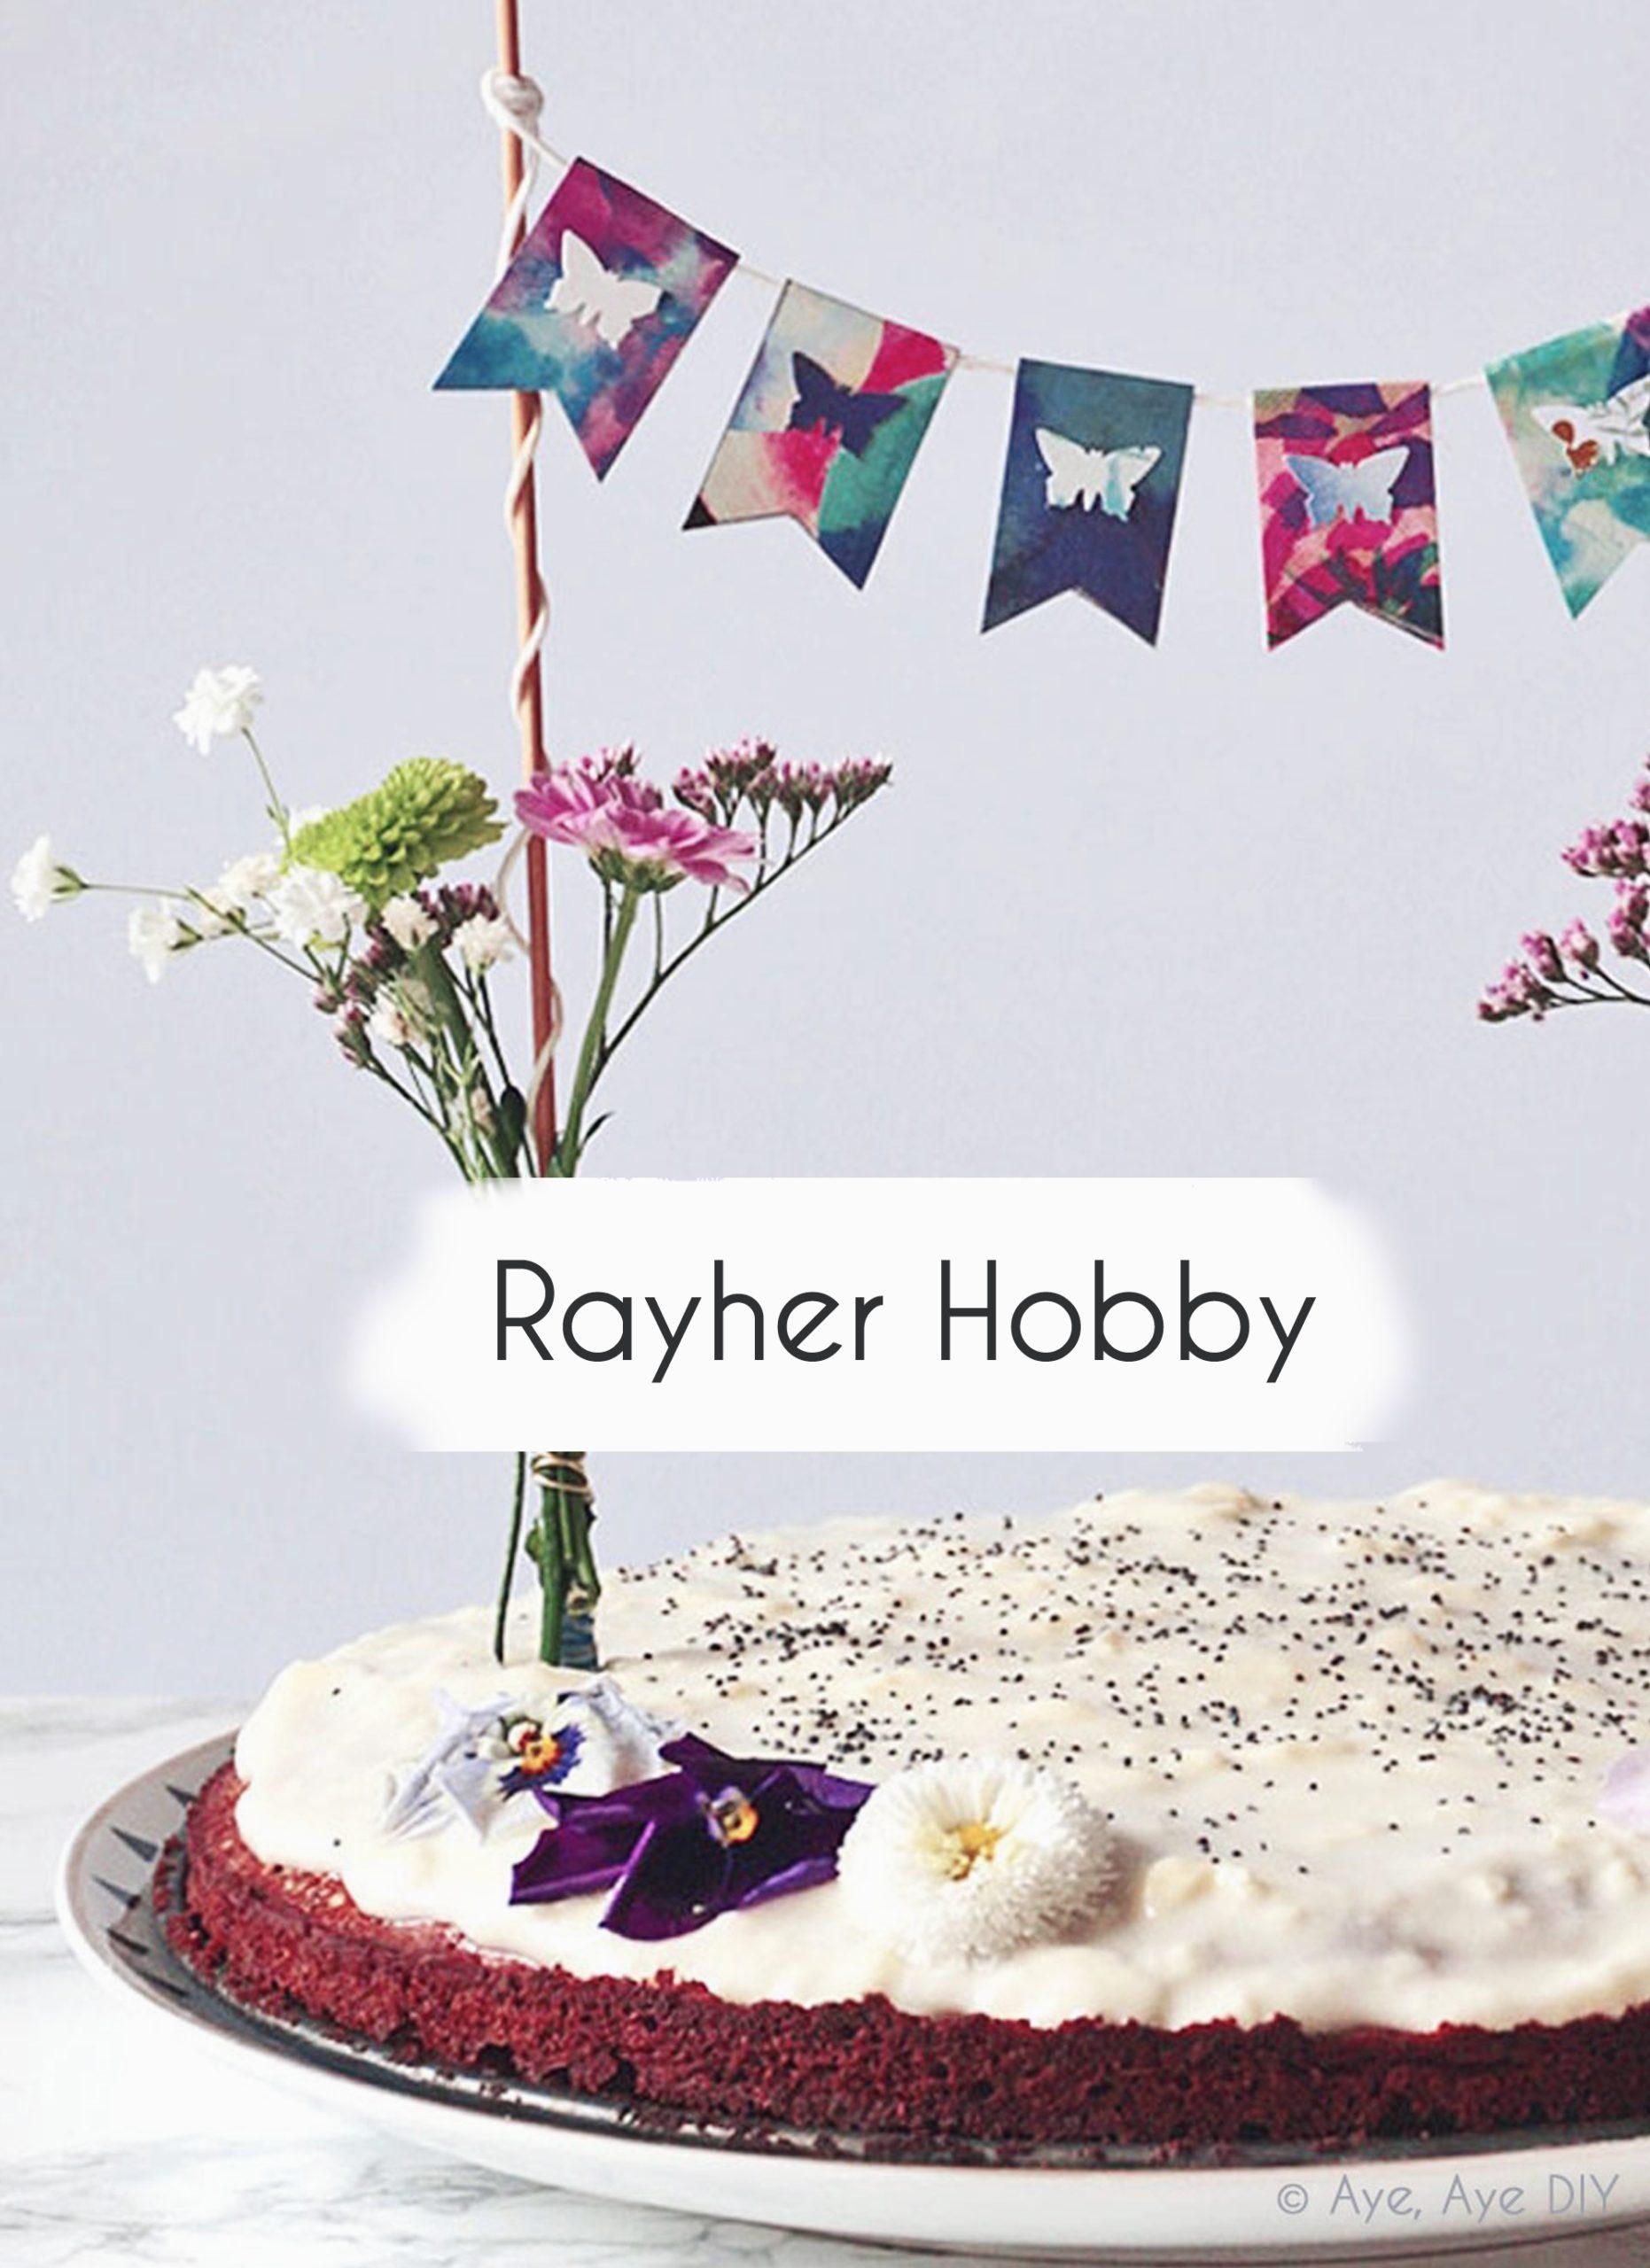 Rayher Hobby